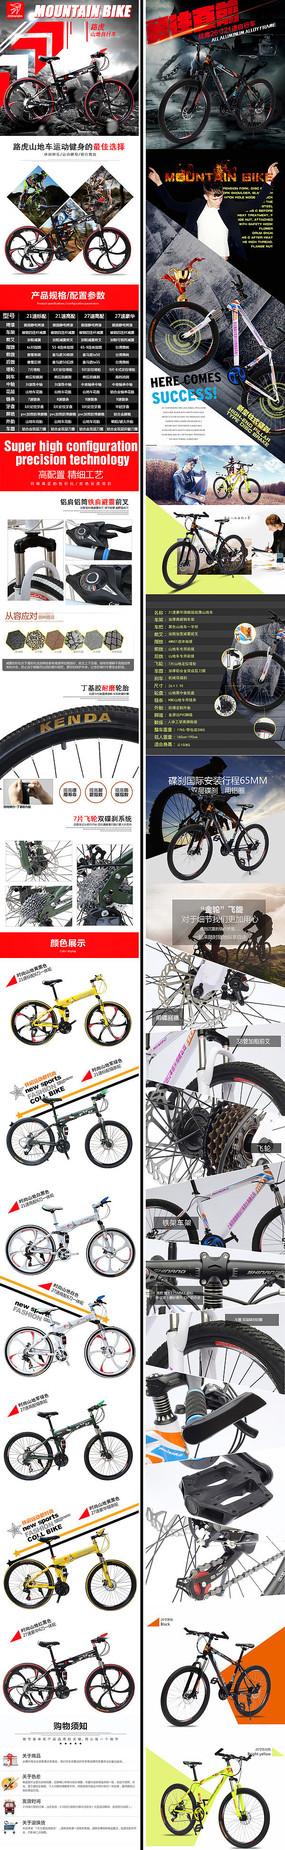 淘宝自行车山地车细节详情页 PSD